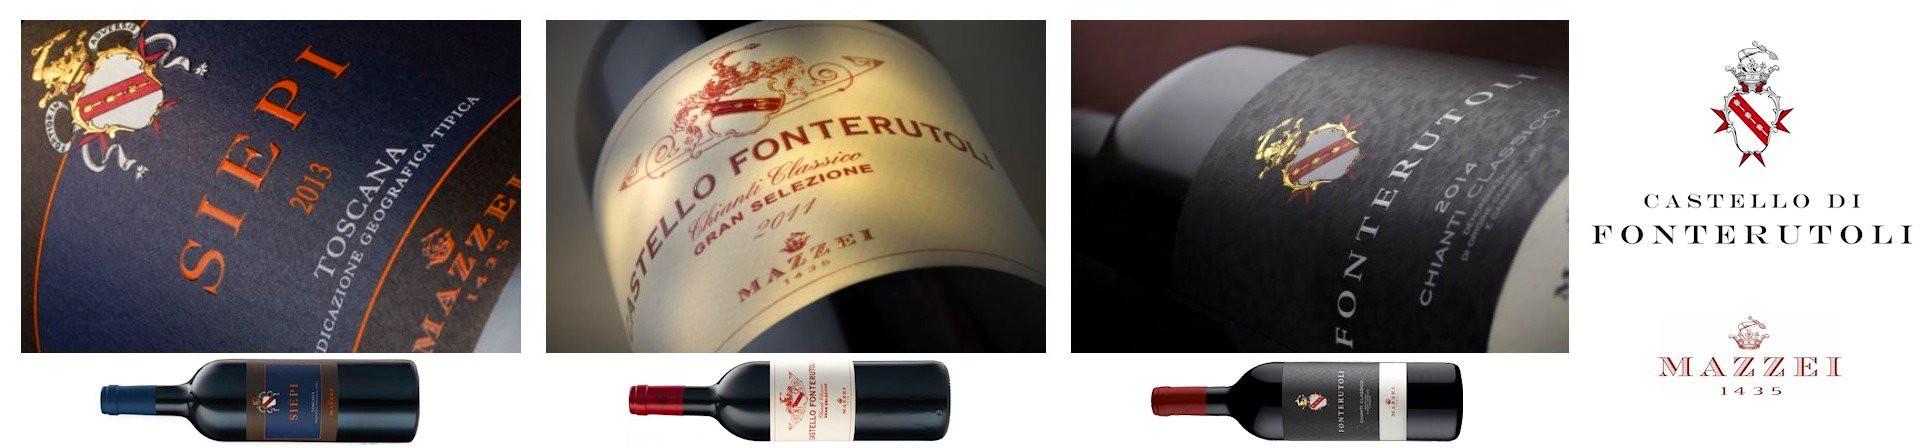 Vini Toscani - Chianti Classico DOCG - CASTELLO DI FONTERUTOLI Mazzei vendita online